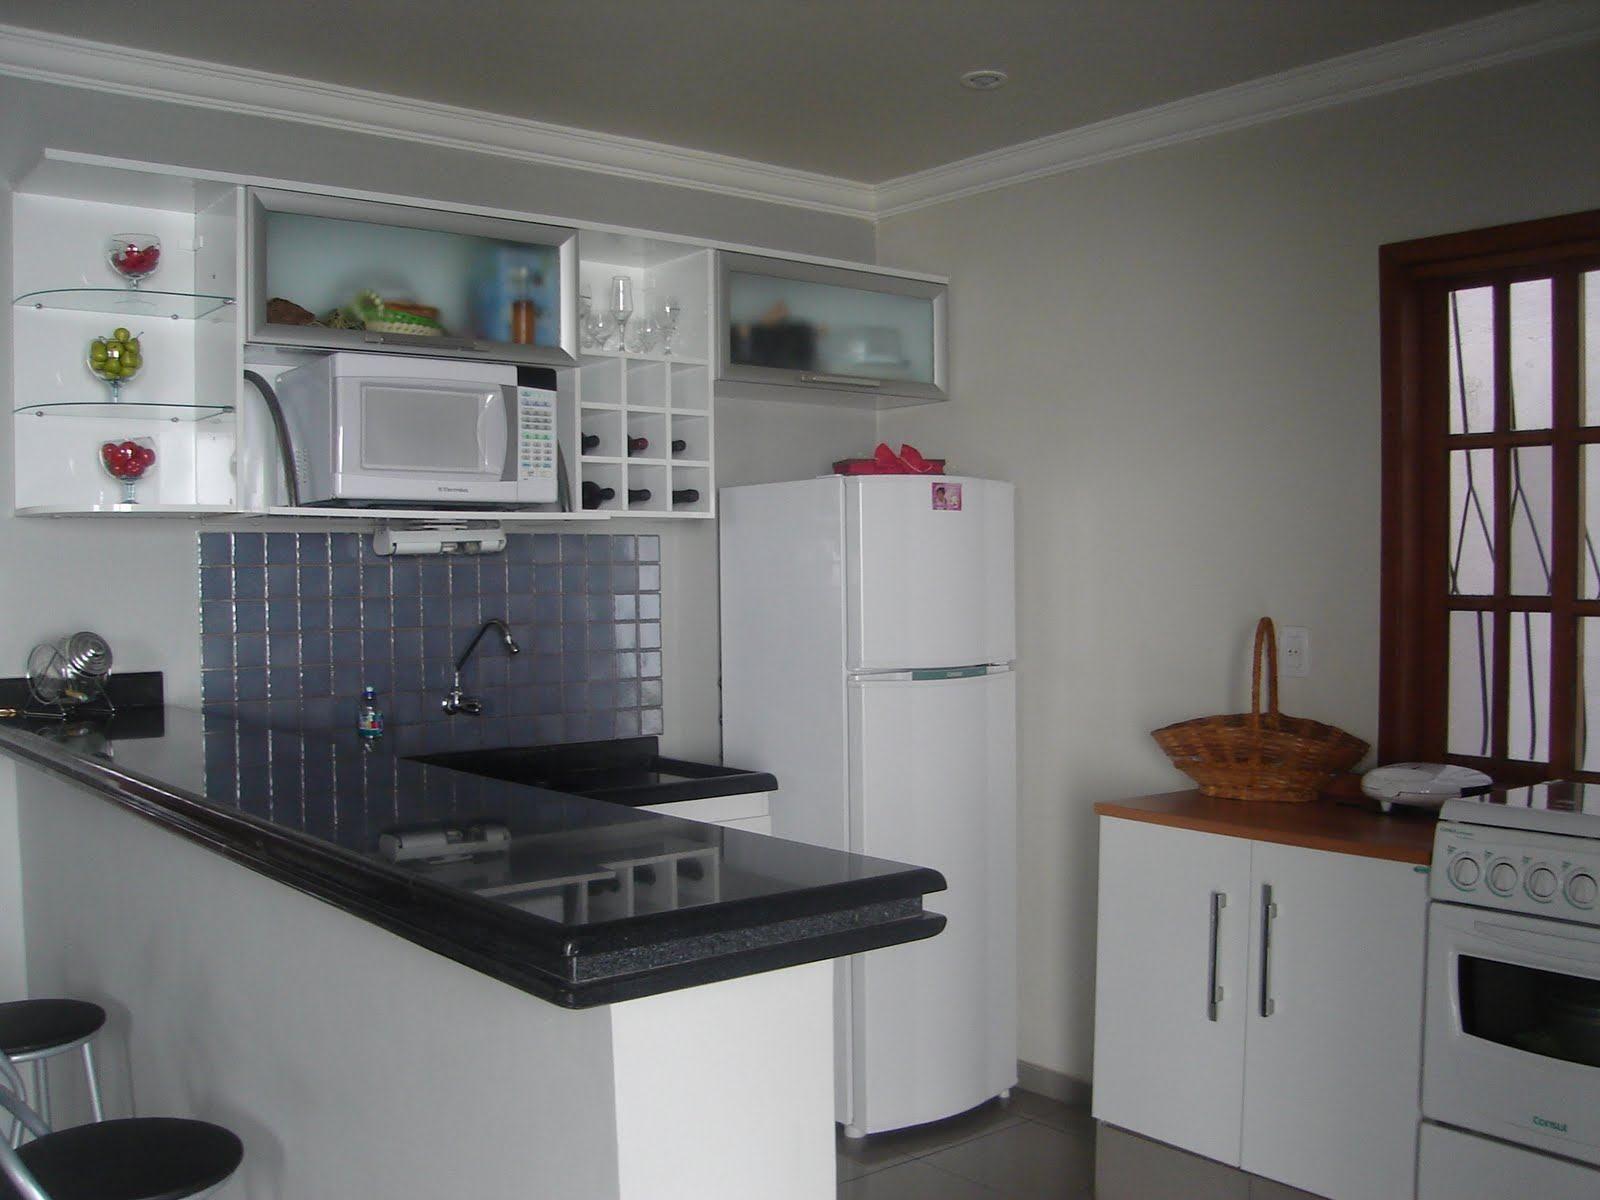 Balc O De Cozinha De Granito Carimbo Parede Pinterest Cozinha